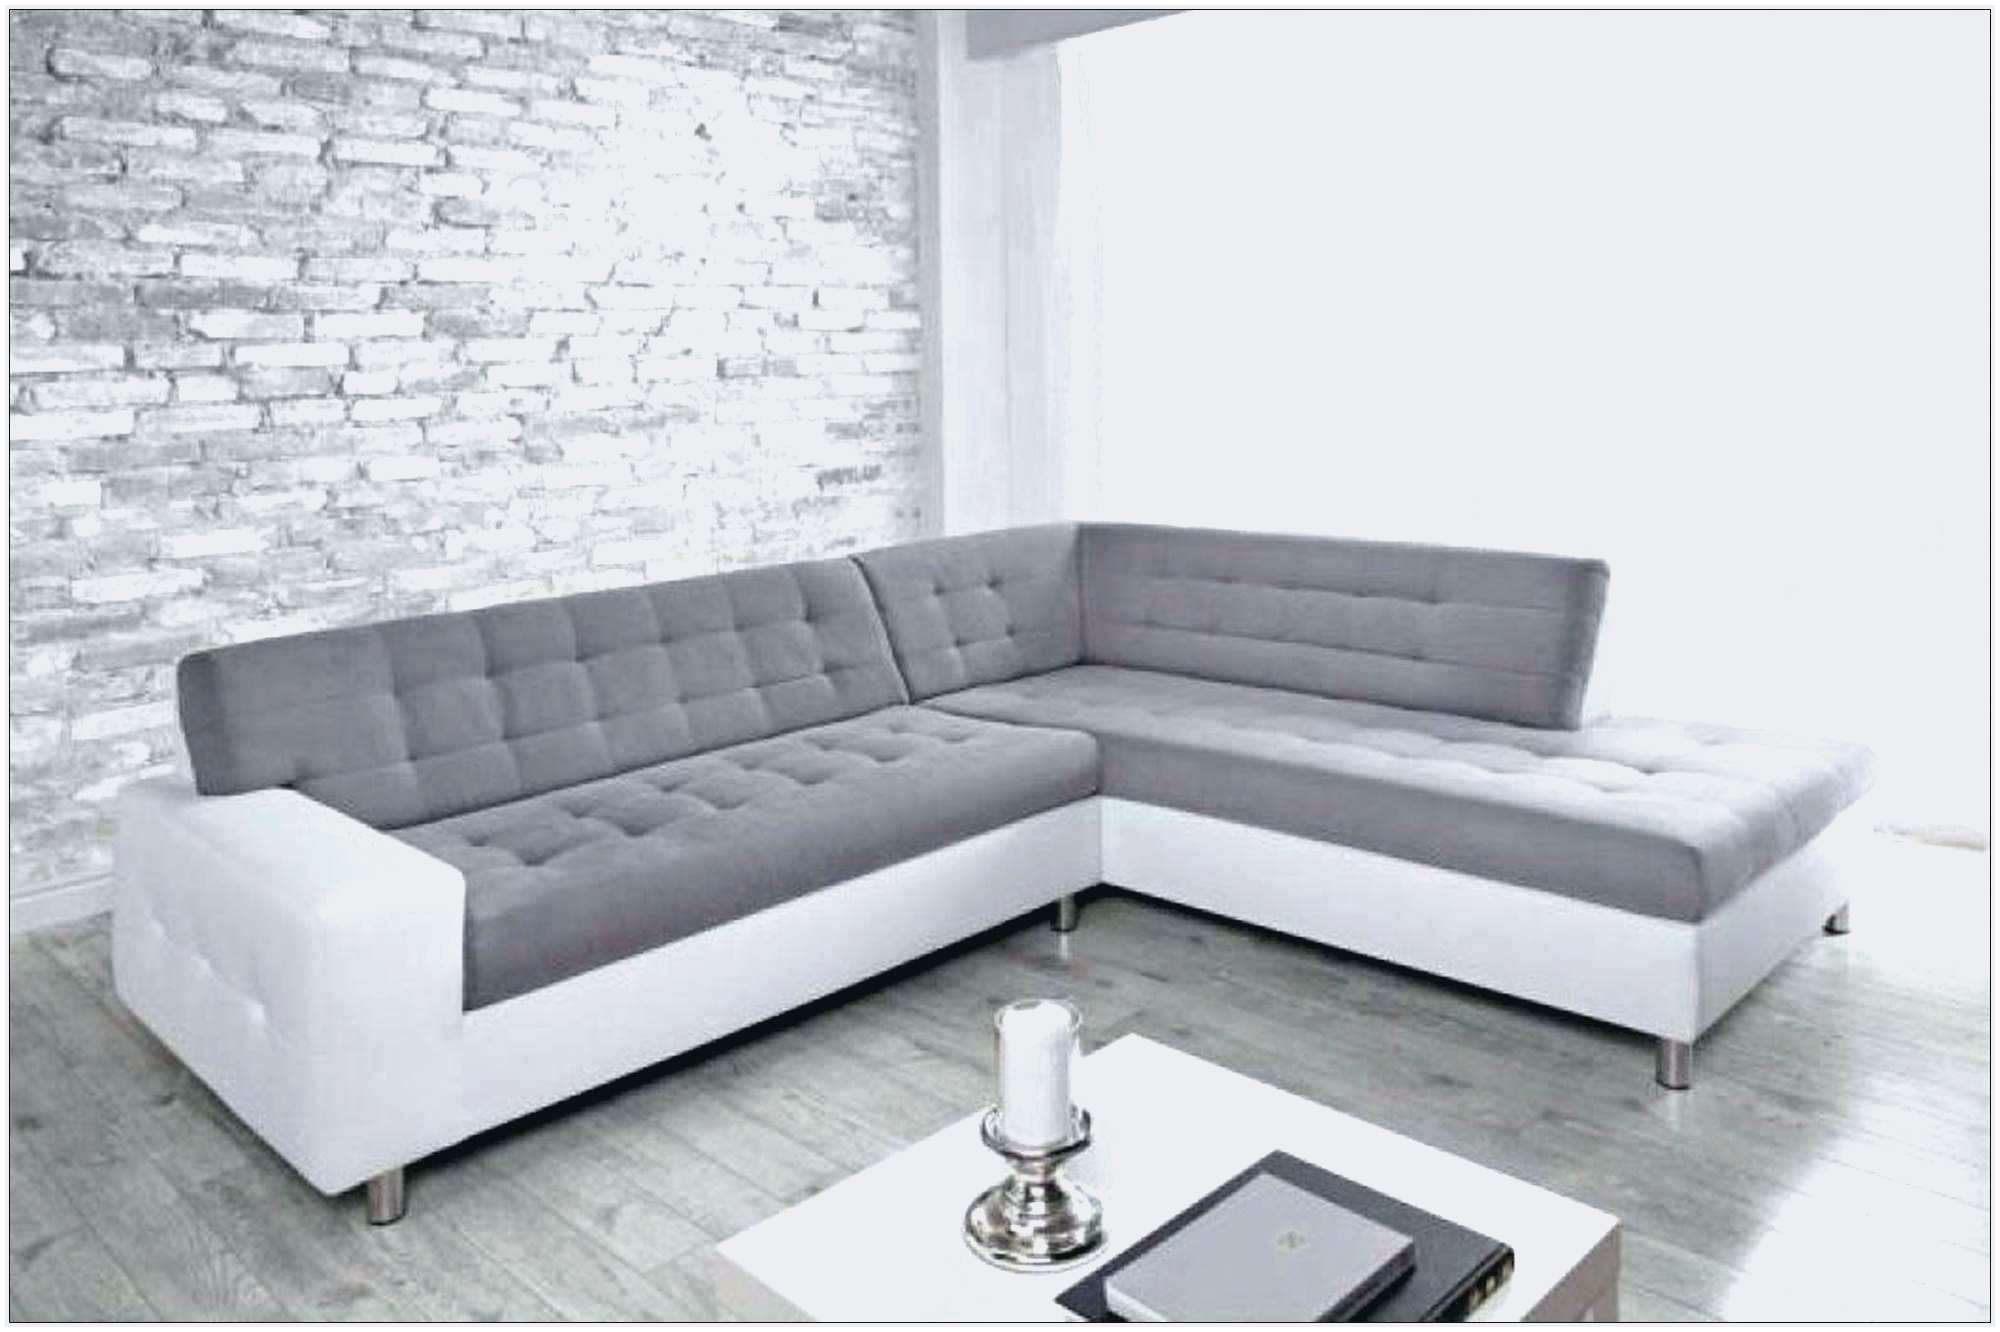 Canapé Lit Angle Nouveau Luxe Ikea Canapé D Angle Convertible Beau Image Lit 2 Places 25 23